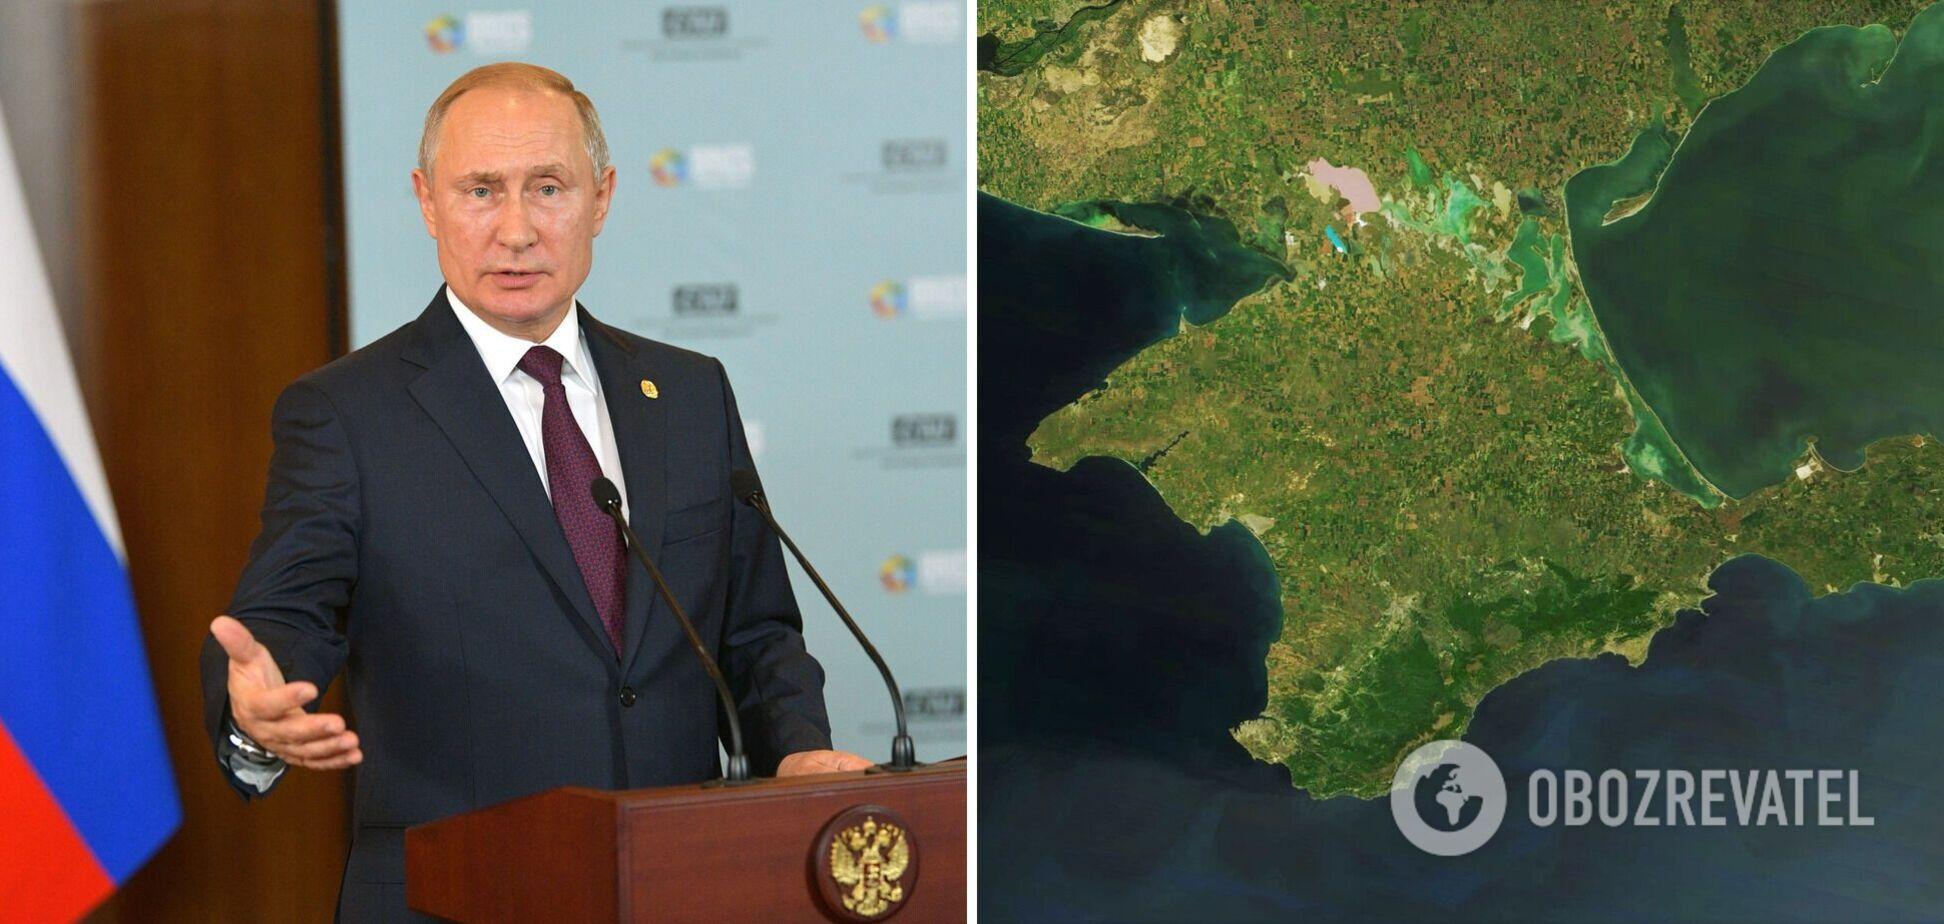 Дачи Путина в Крыму